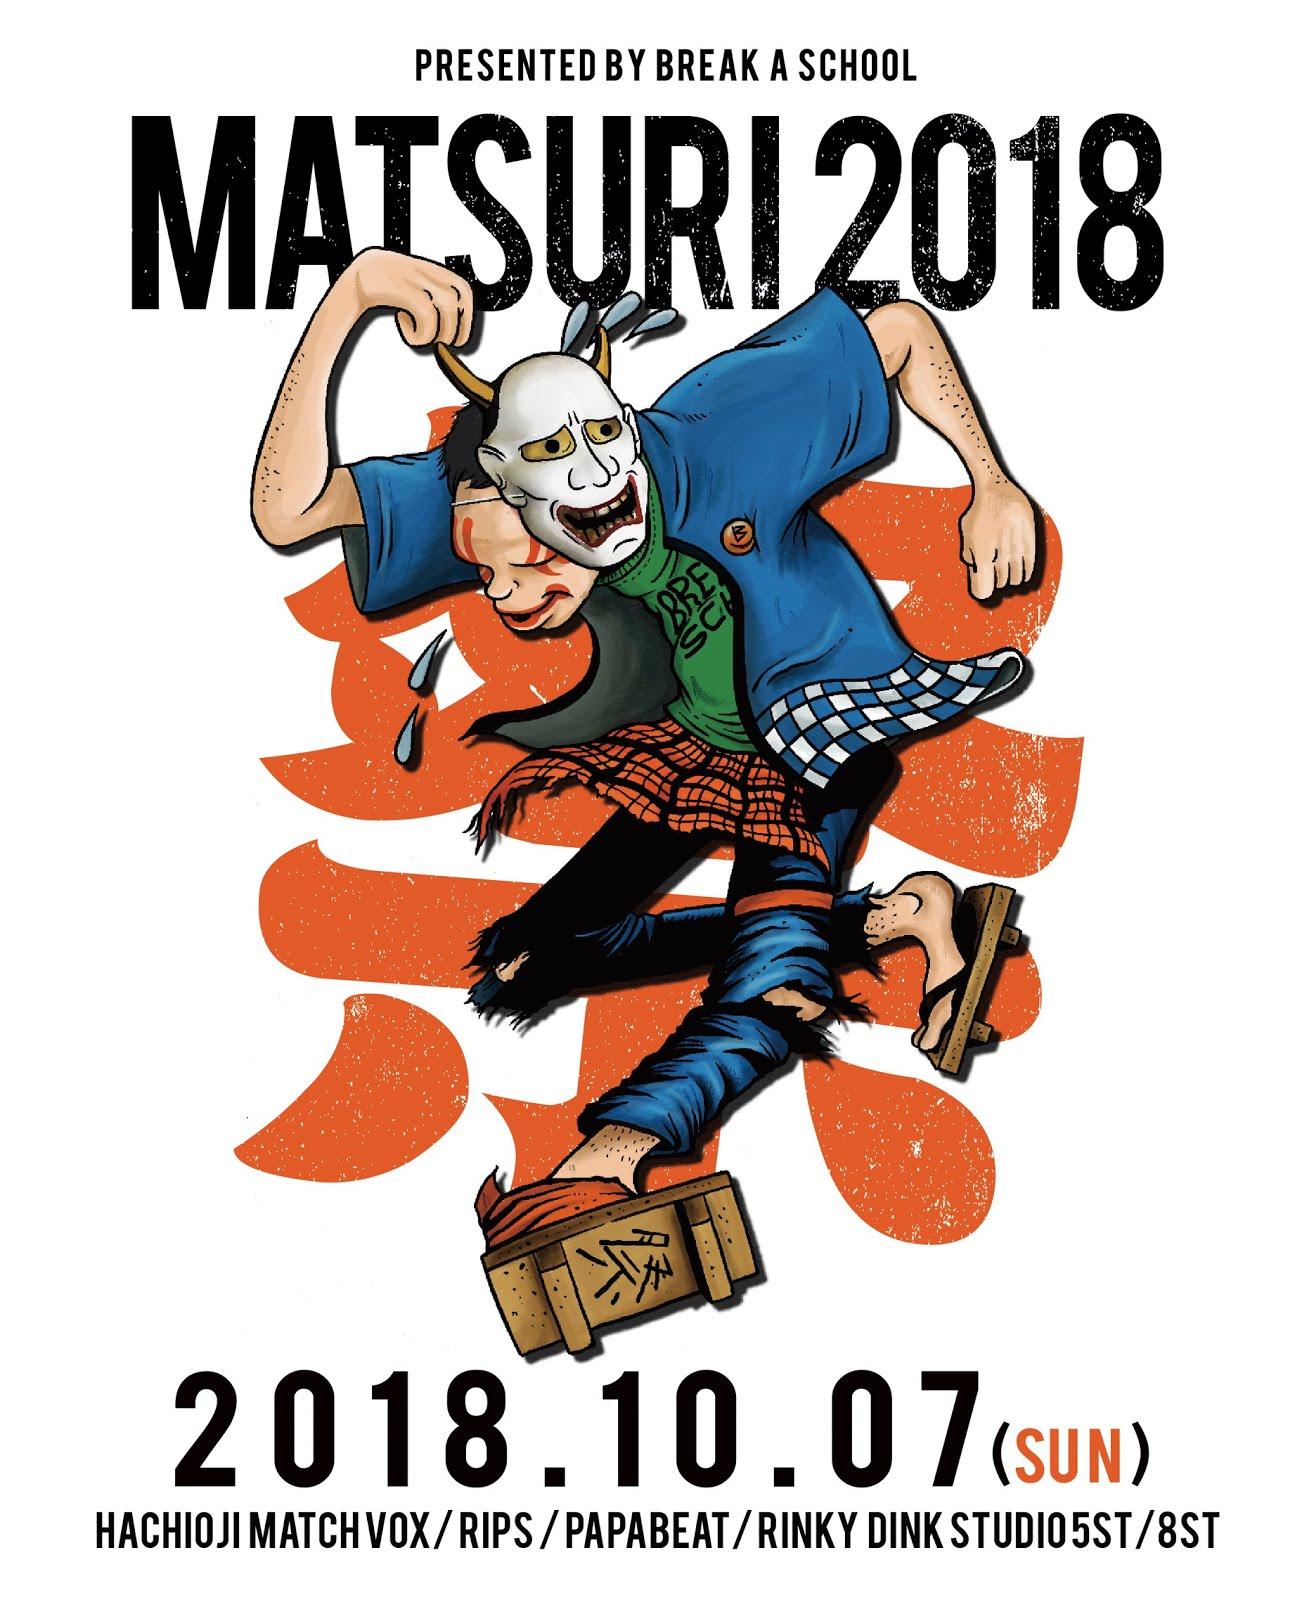 MATSURI 2018